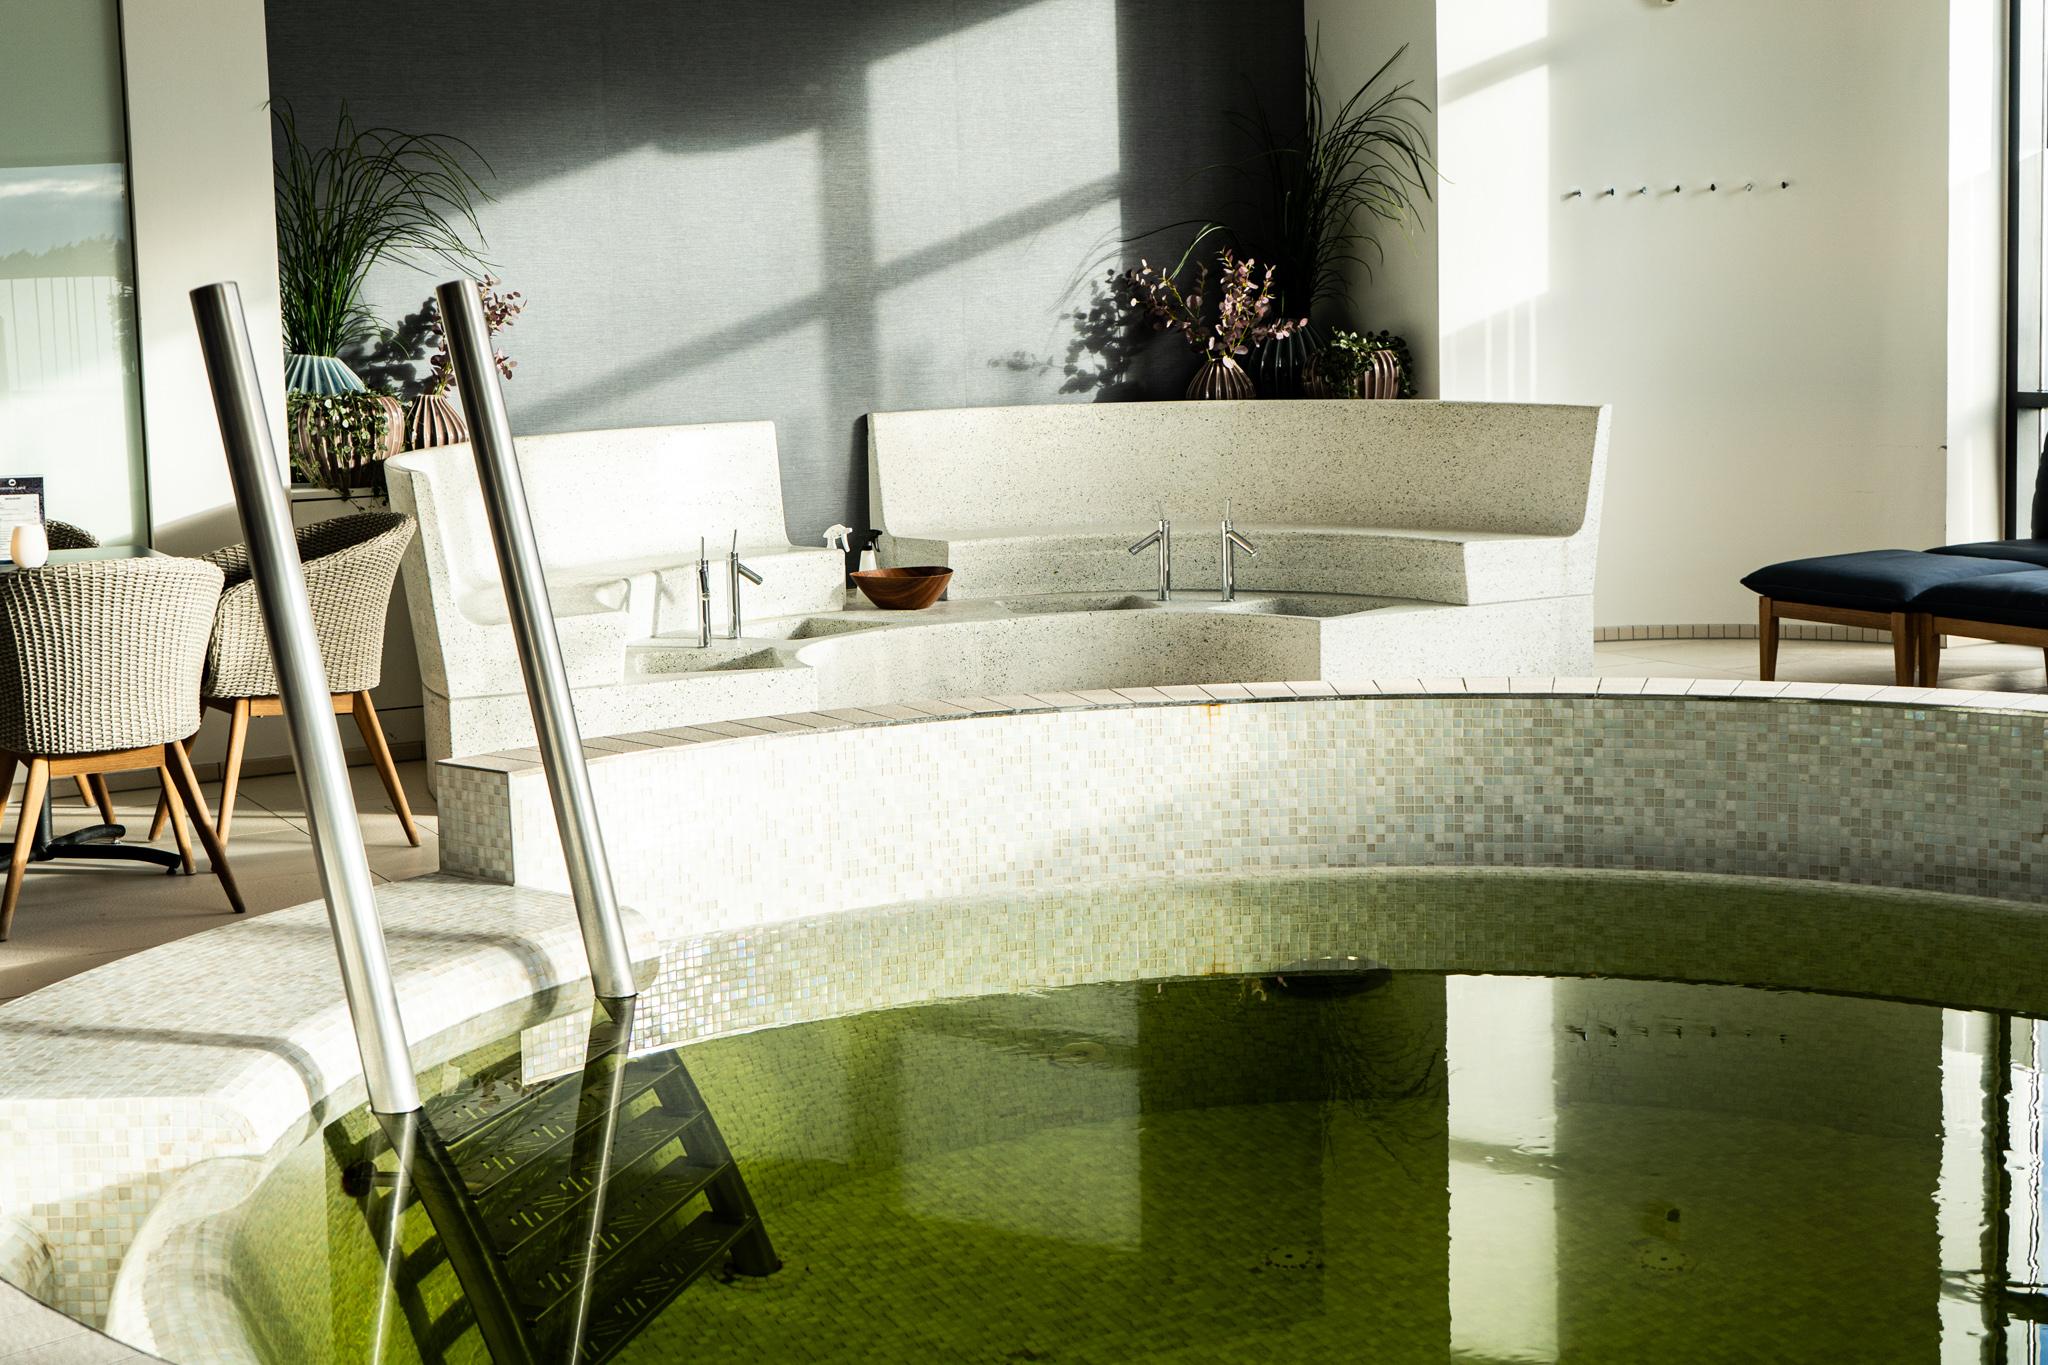 Flere nyheder på vej: Nordjysk spa-oase frister med forkælelse i luksusklasse